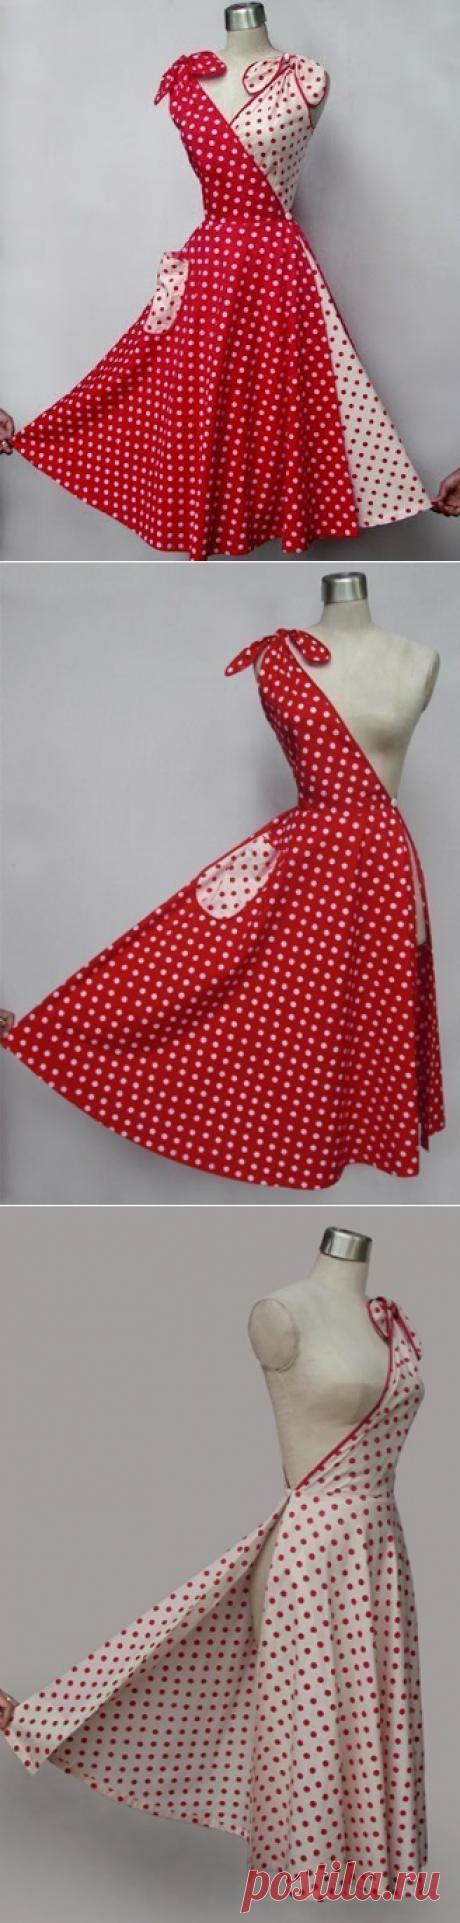 Как смоделировать винтажное платье